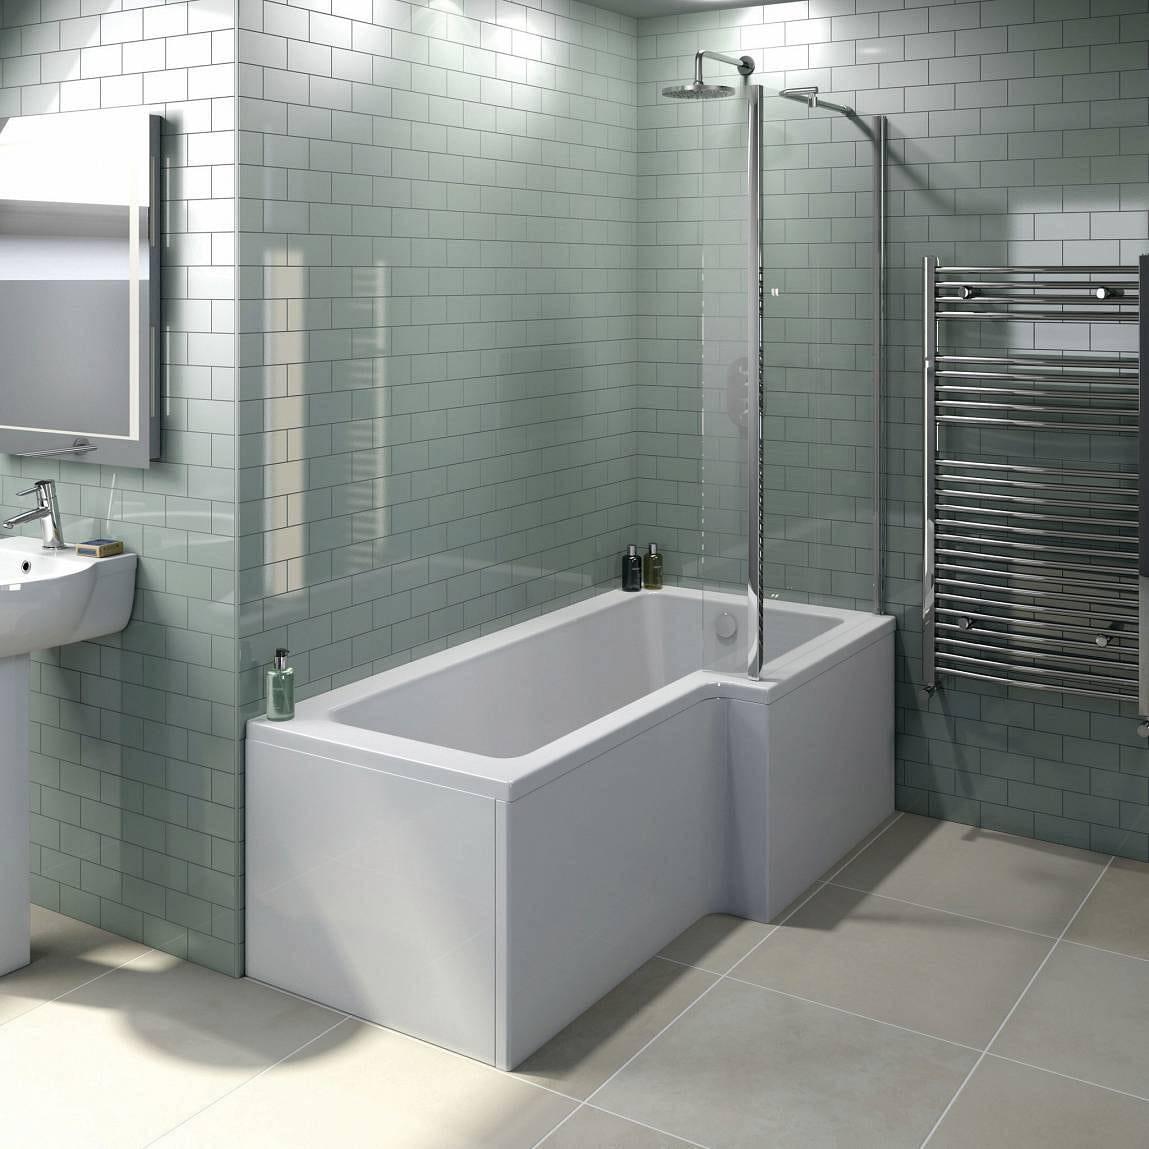 Boston Shower Bath 1500 x 850 RH